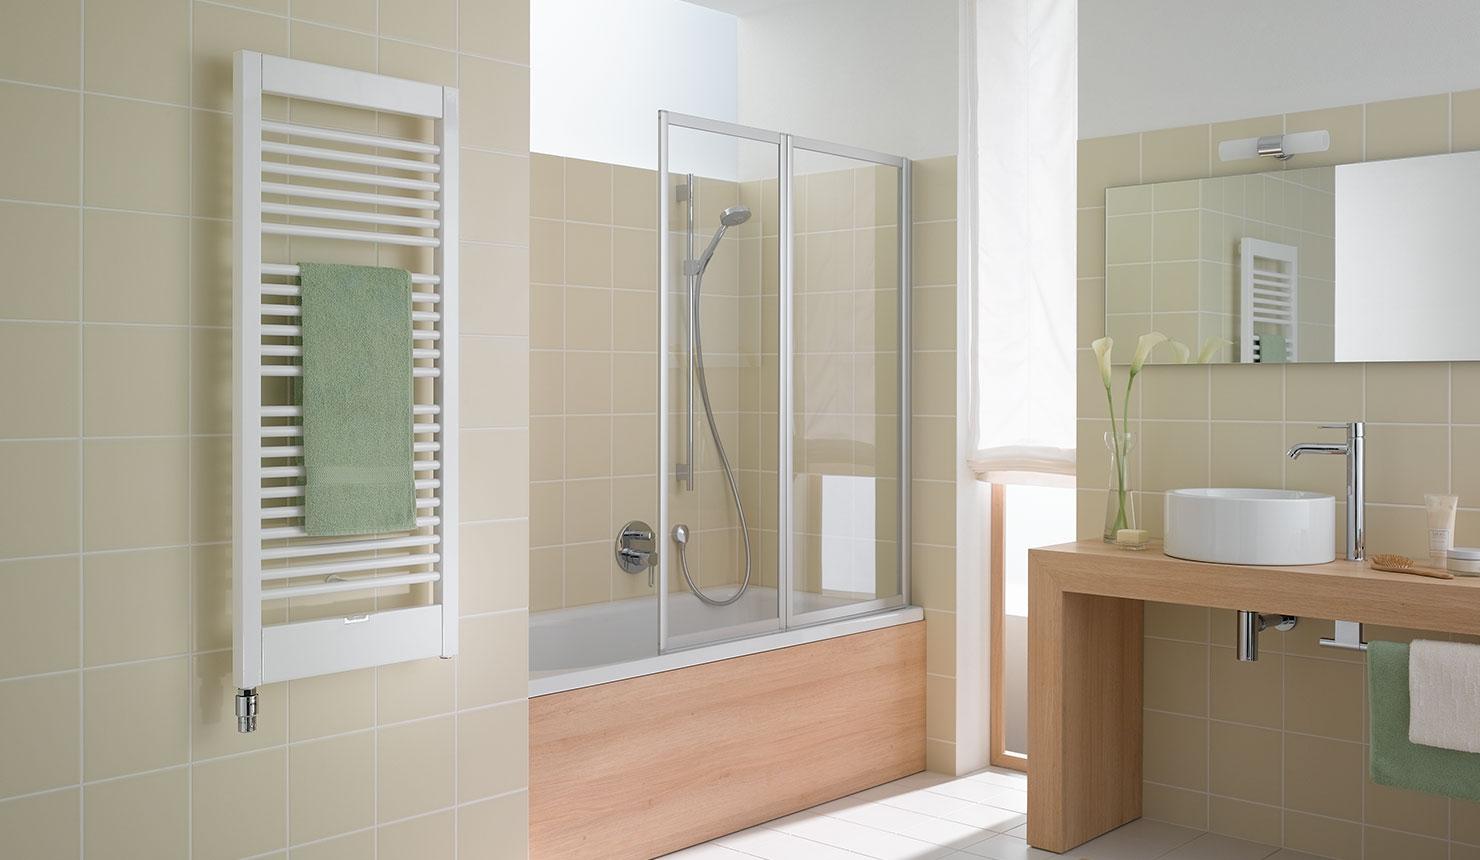 credo uno radiatore da bagno e di design kermi. Black Bedroom Furniture Sets. Home Design Ideas